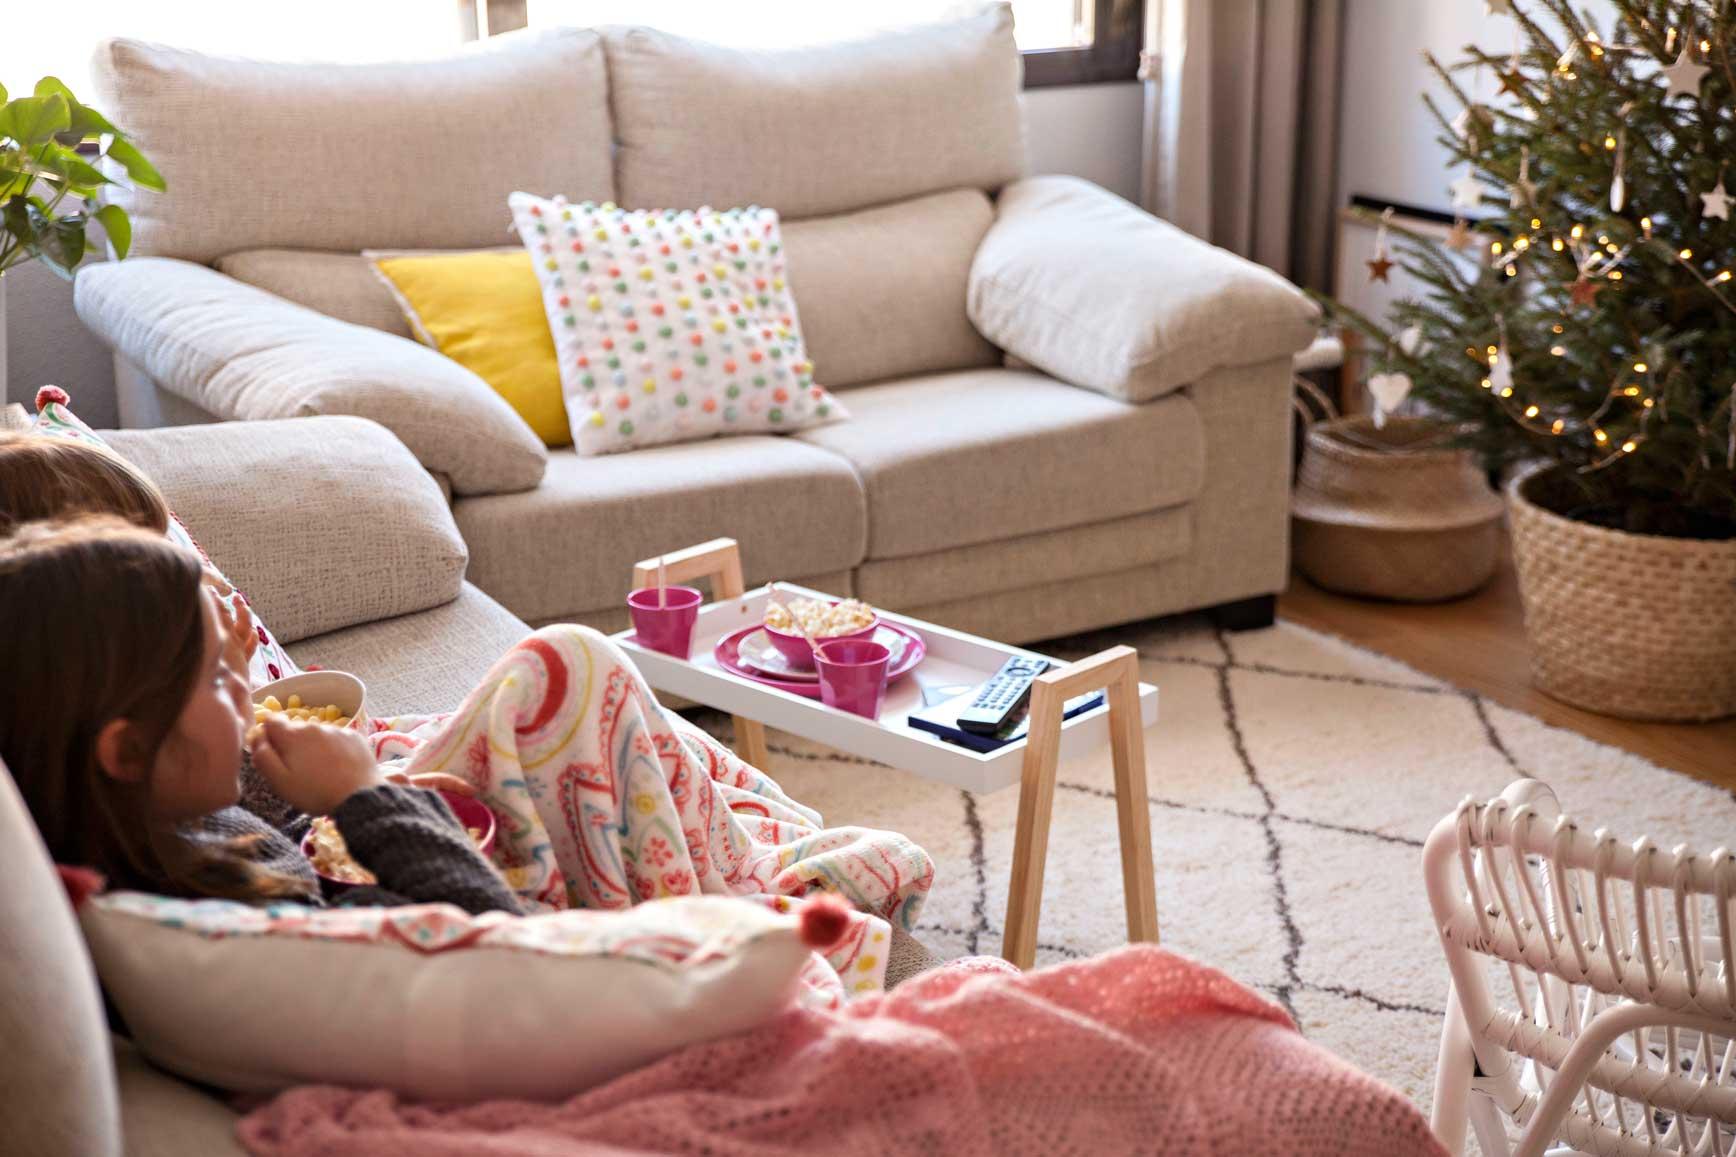 Mini Home- Peliculas para niños-claraBmartin-02